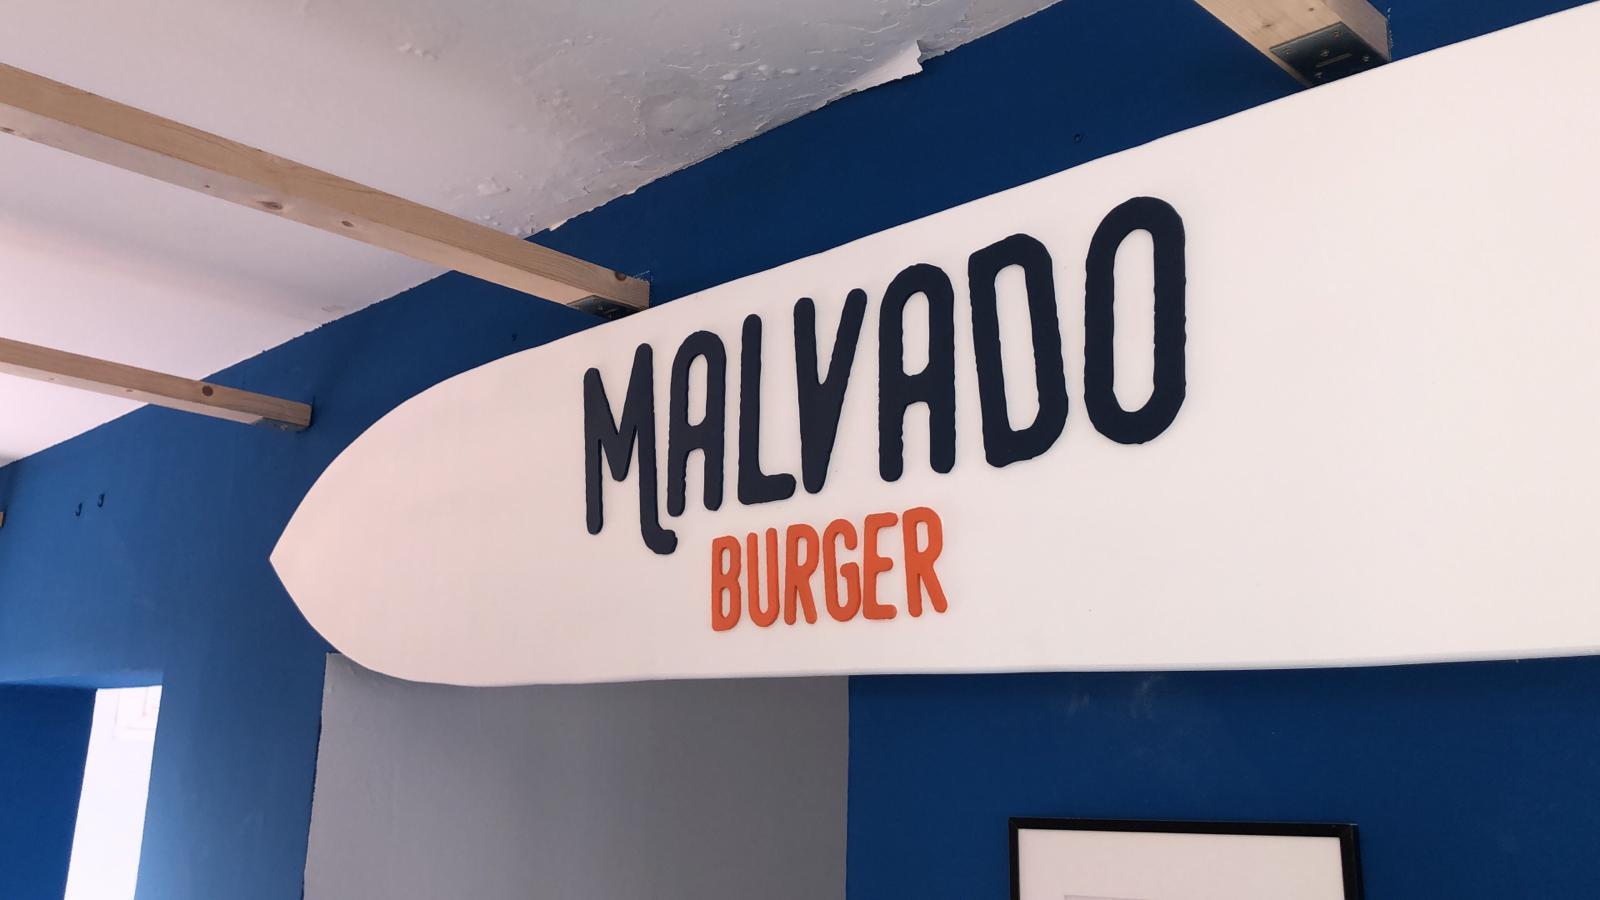 Logotipo de Malvado burger sobre tabla blanca